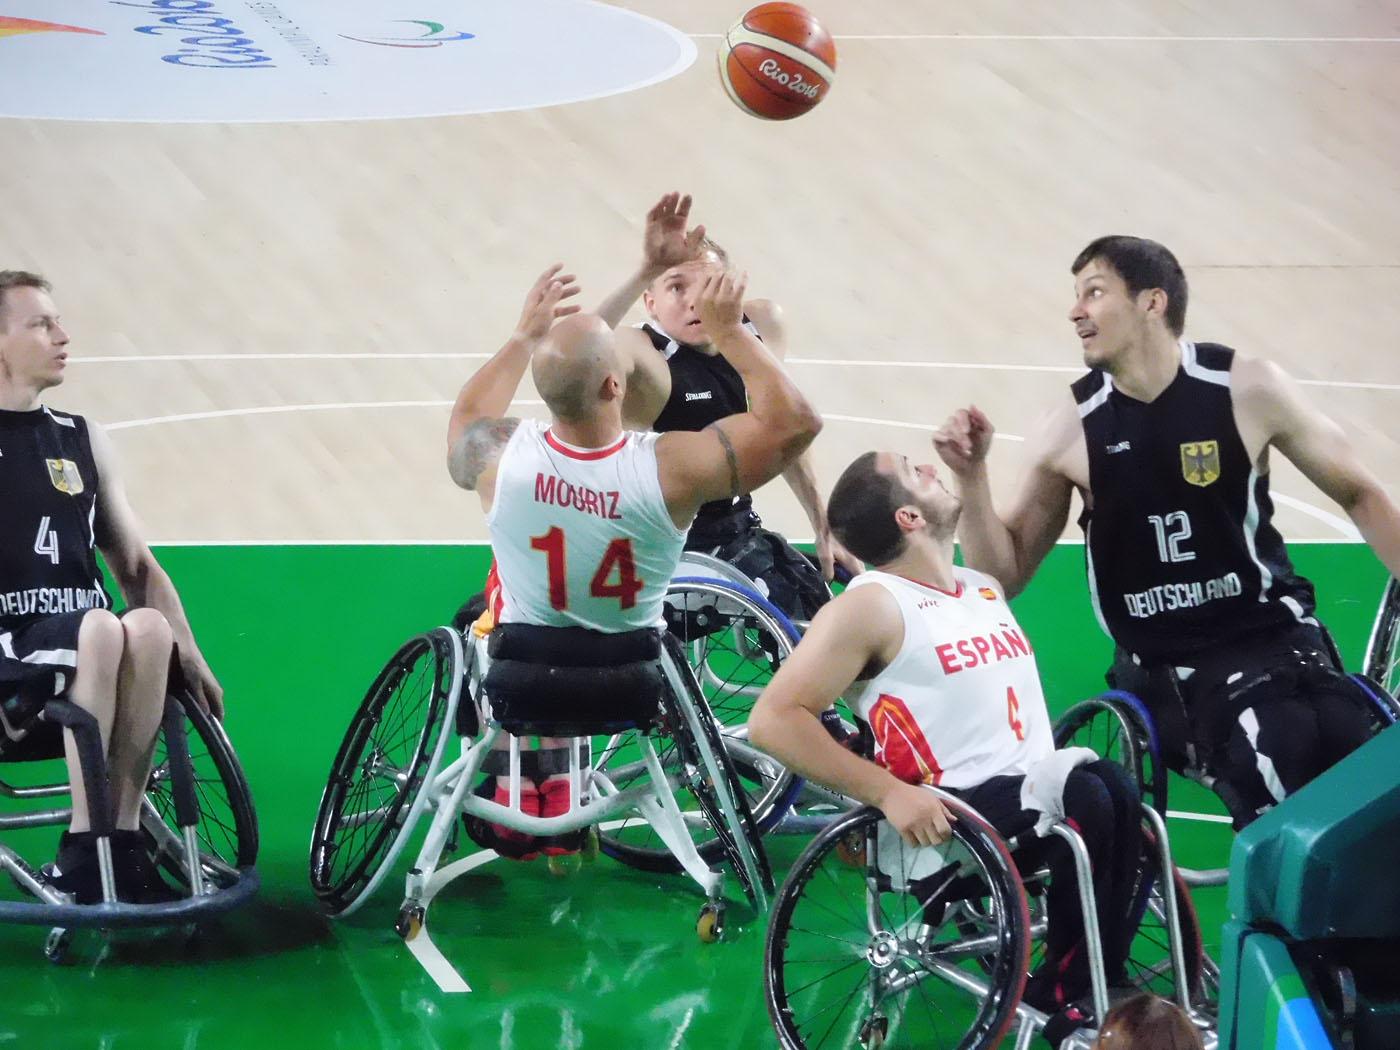 競技用の車椅子がぶつかりあう音。戦いの音、という感じです。